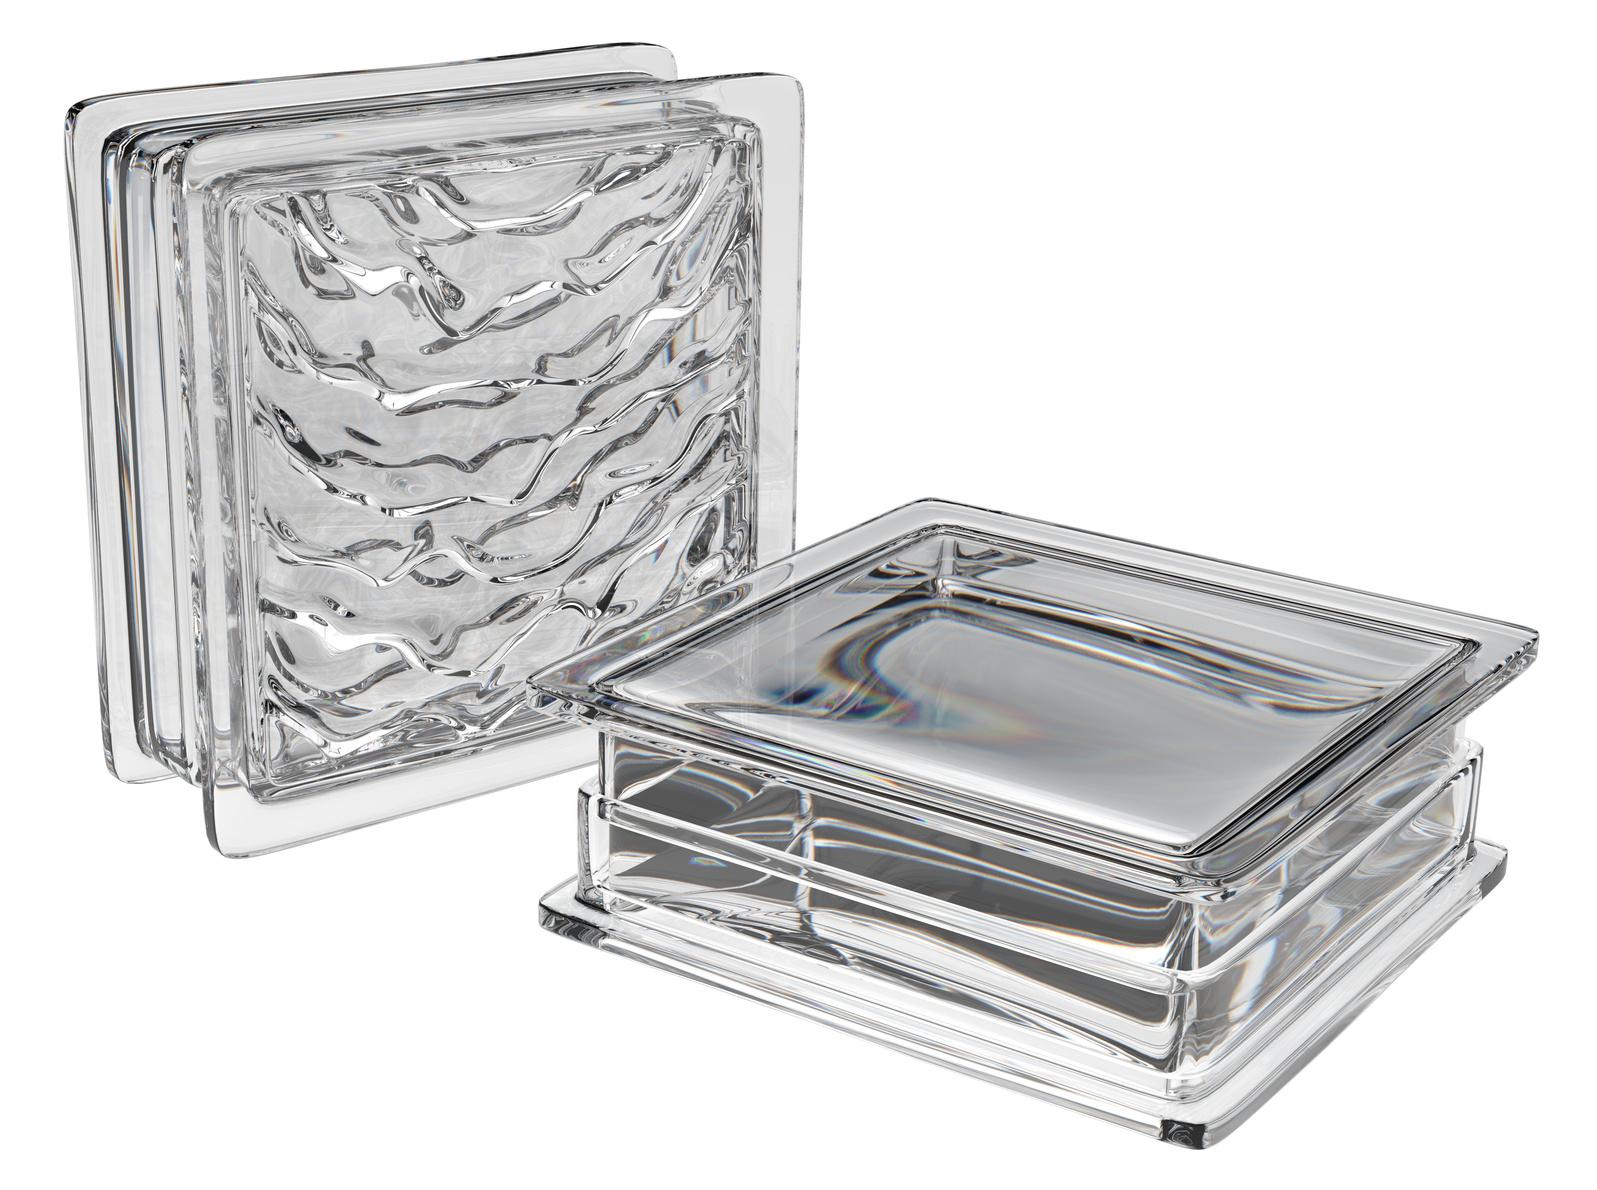 Brique de verre infos caract ristiques prix toutes les infos - Fenetre carreaux de verre ...